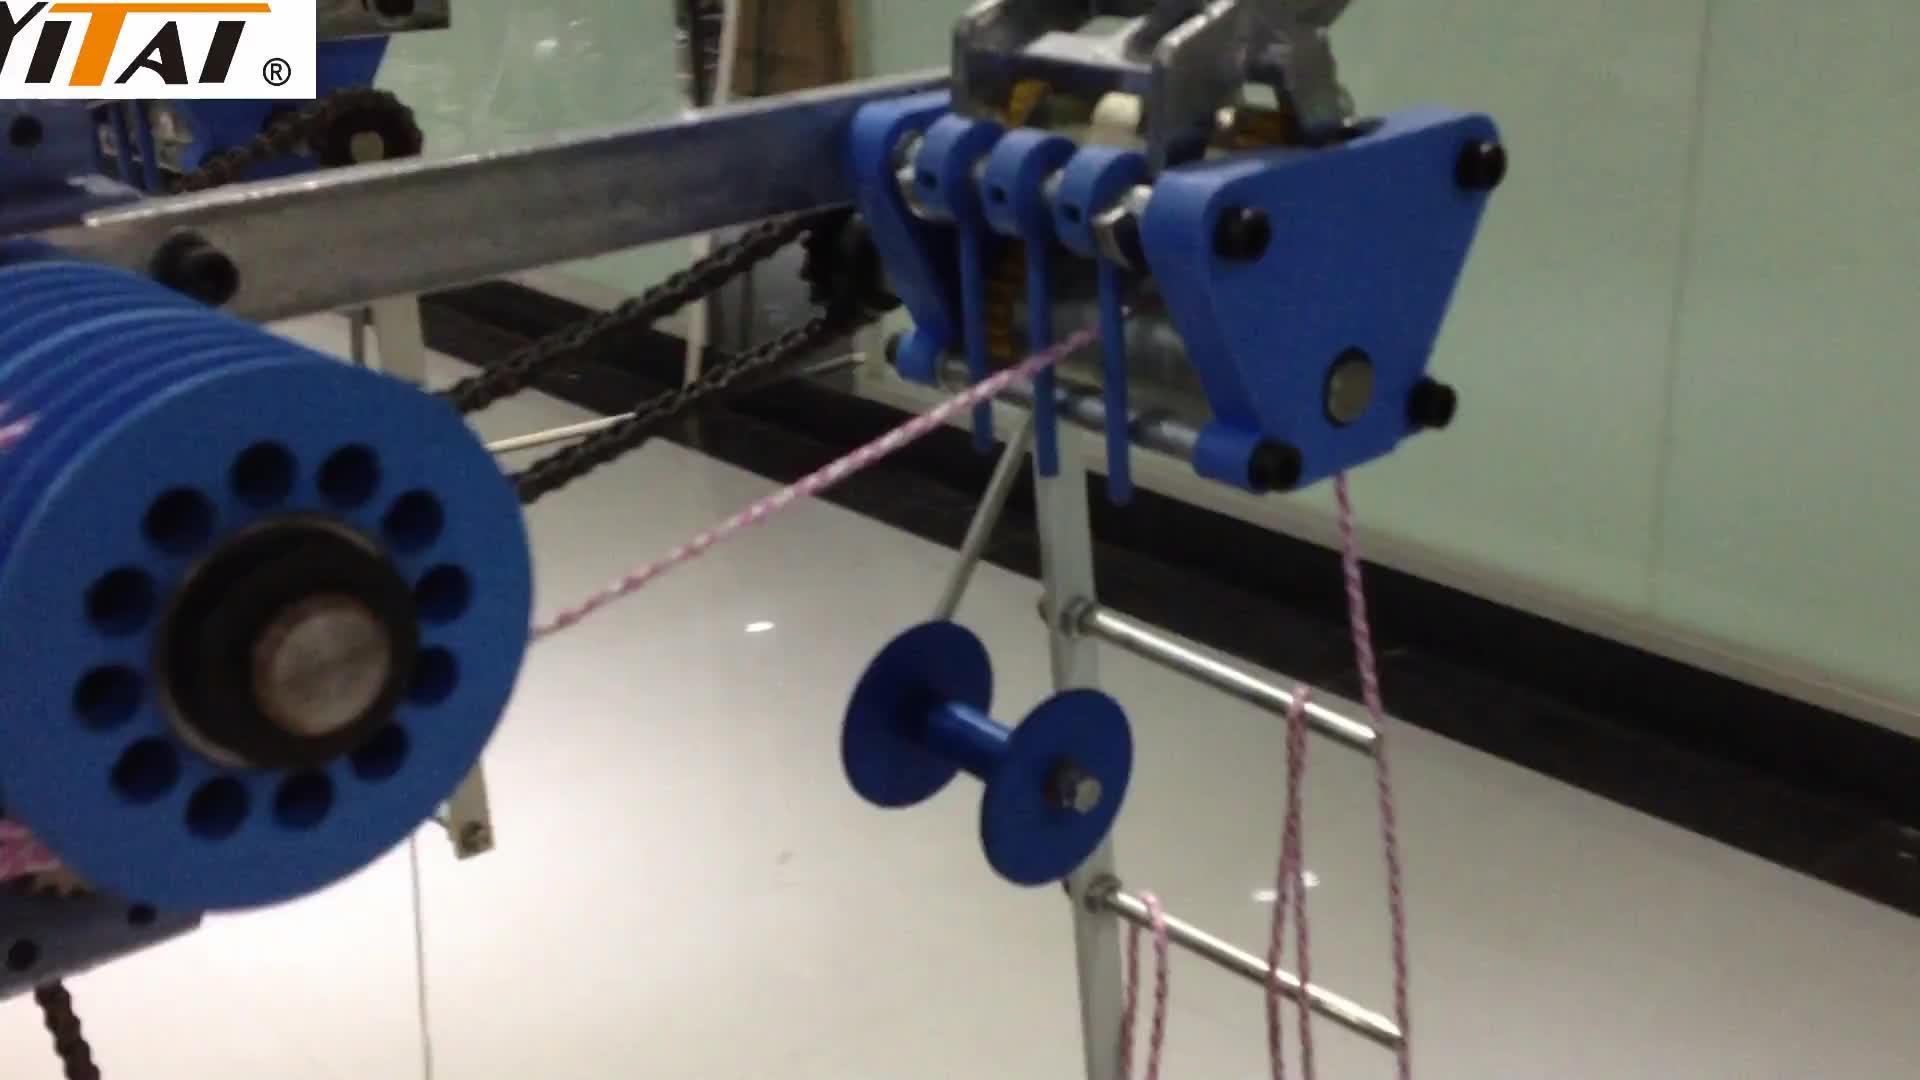 Yitai靴レース編組機紐製造機